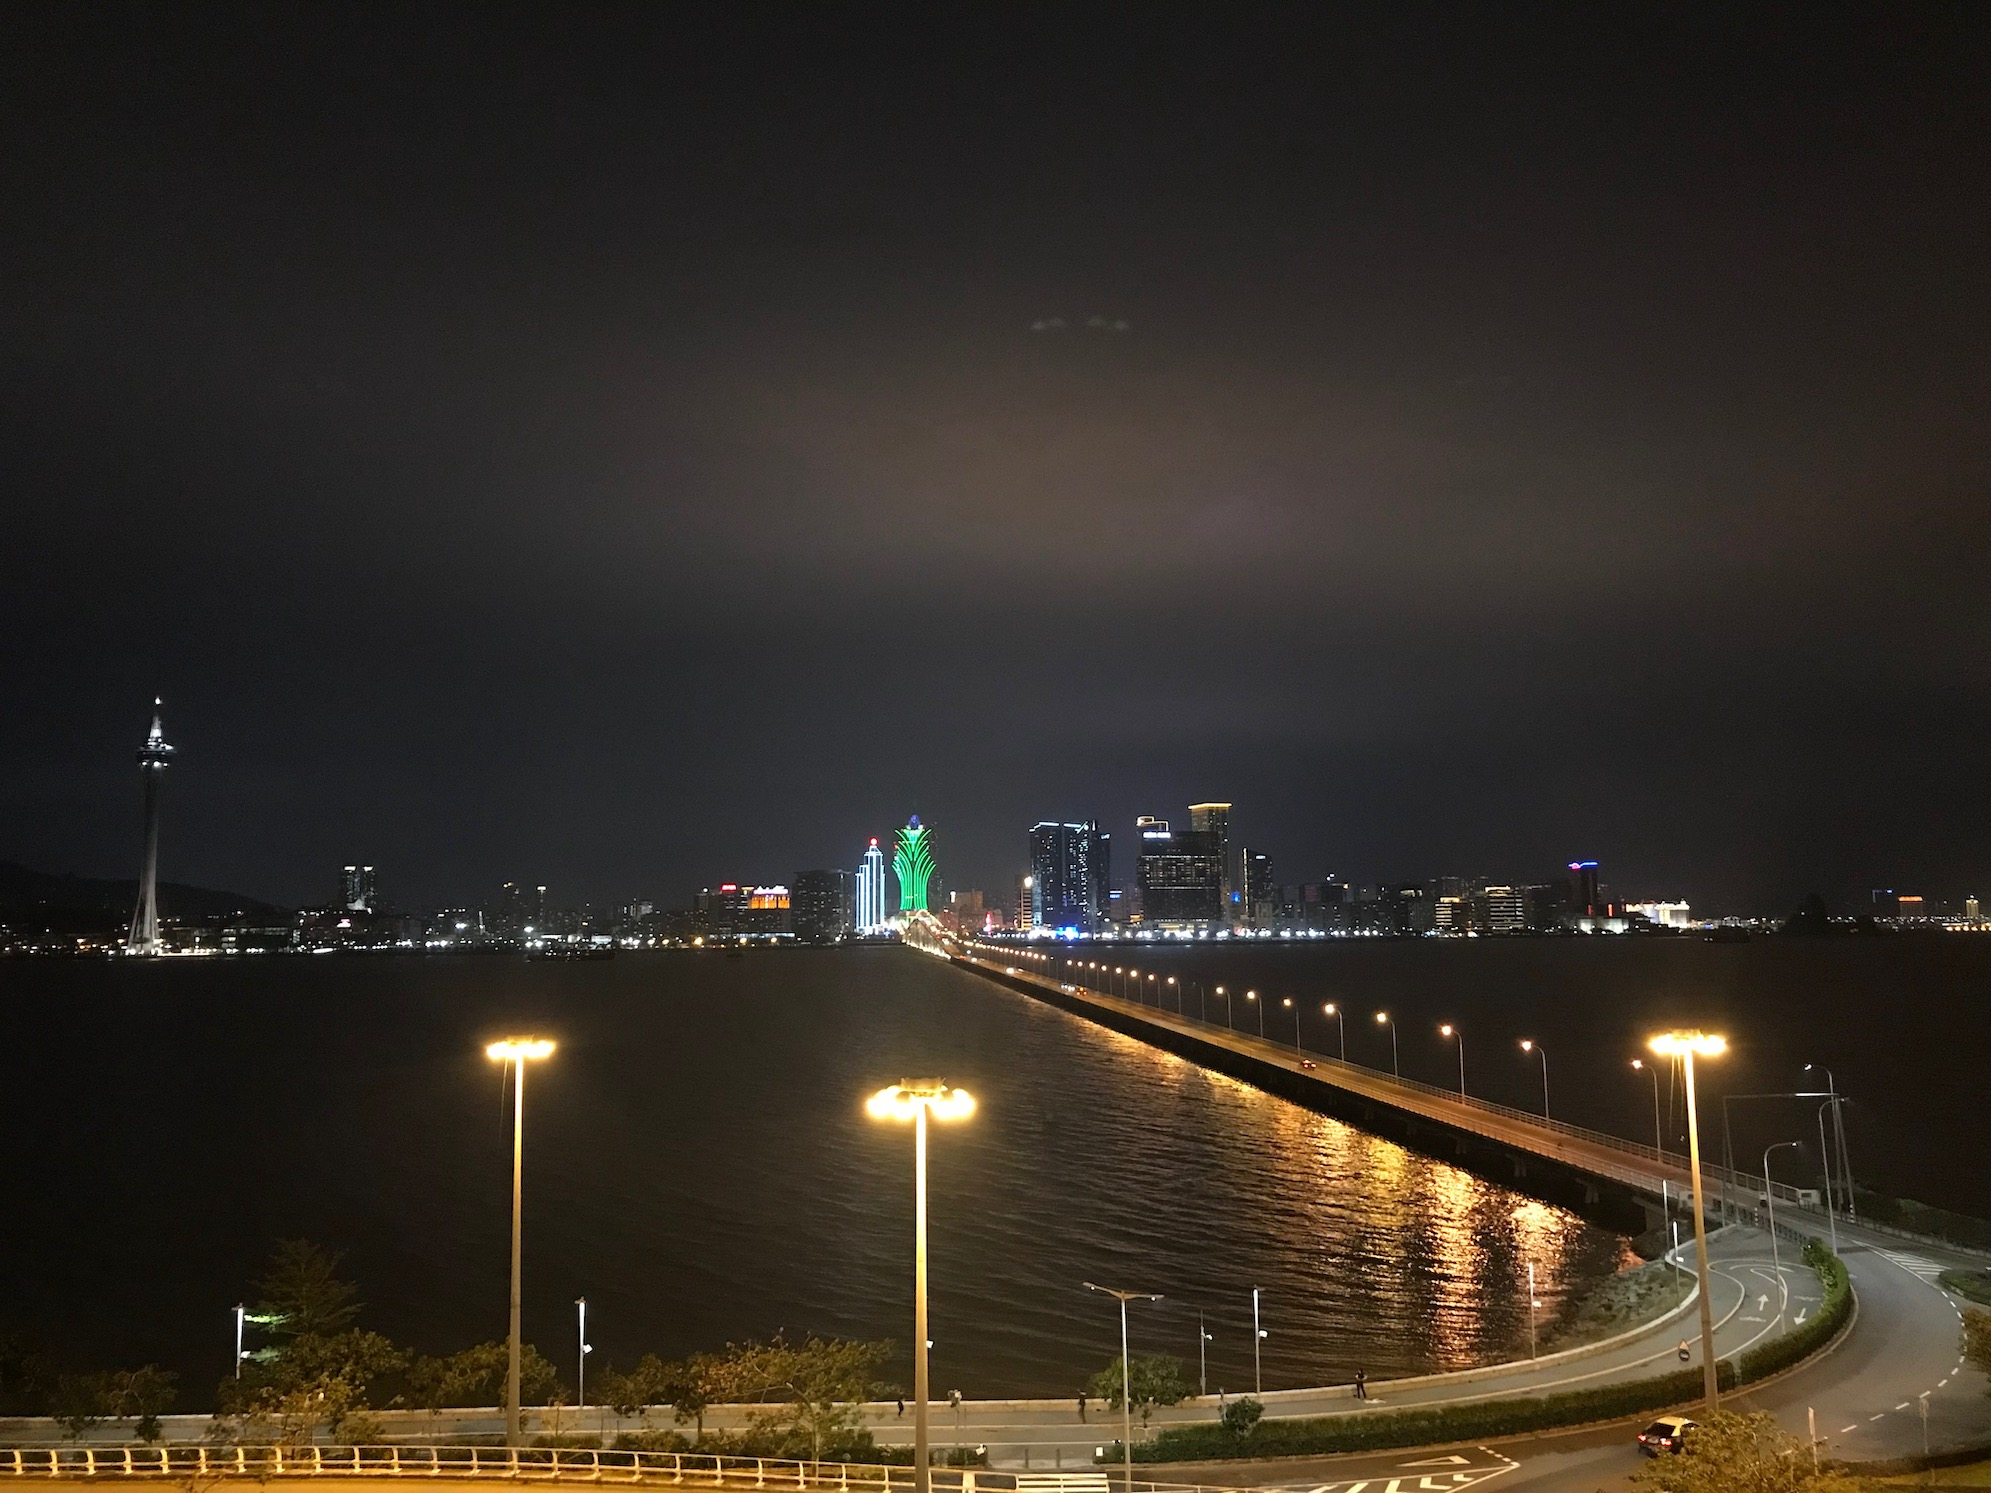 Poluição luminosa | DSPA estuda mudanças de critérios